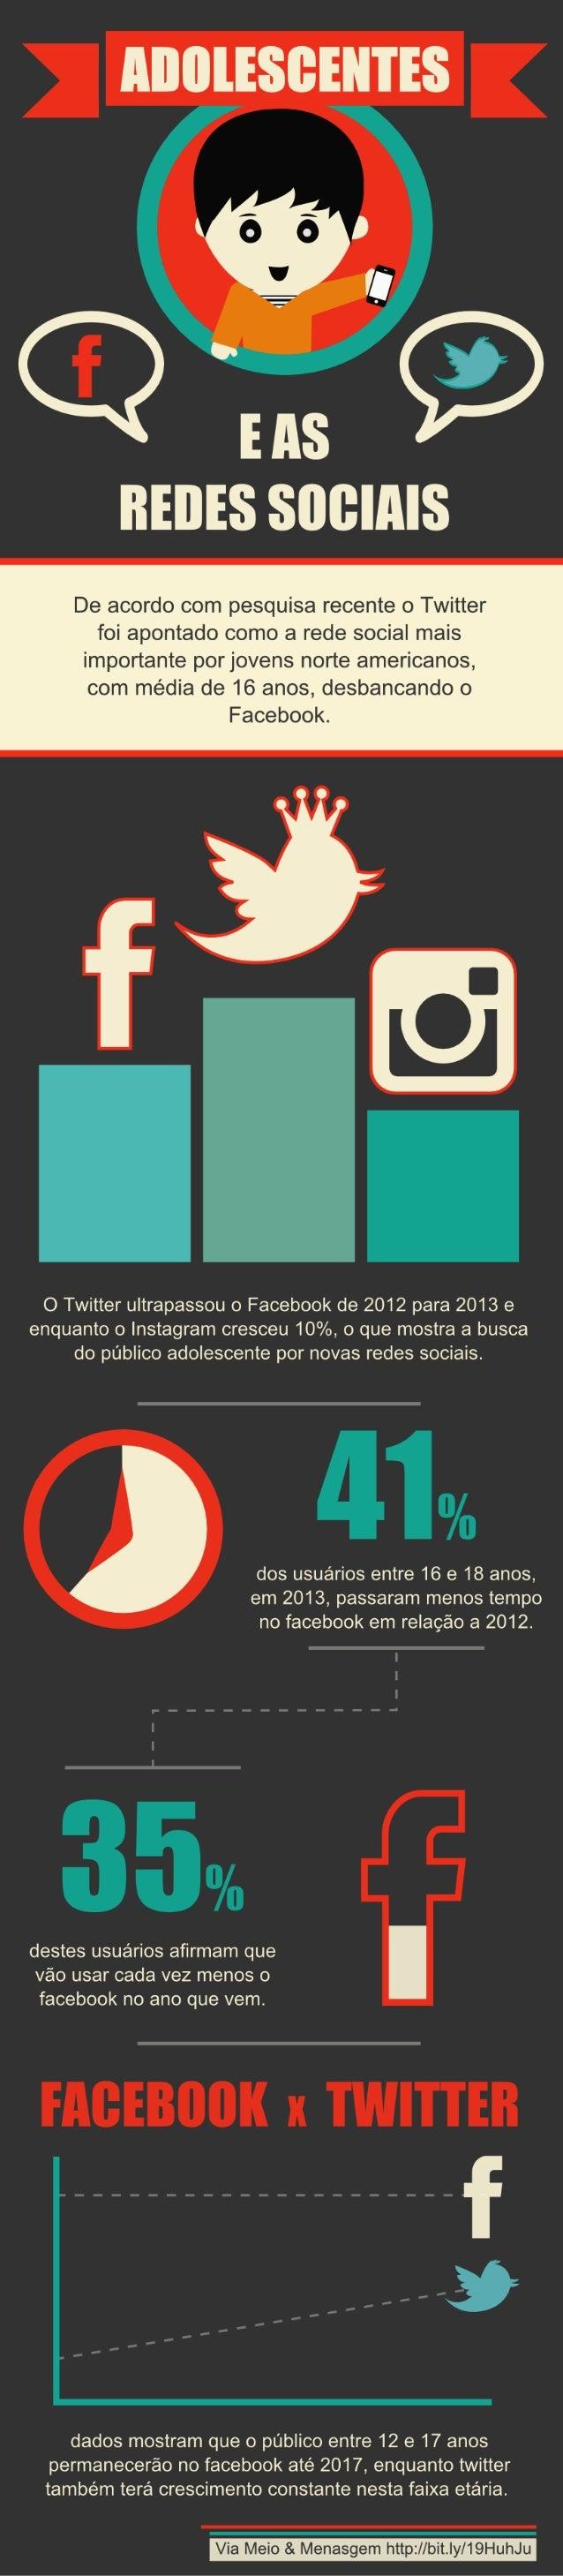 Infográfico: Os adolescentes nas redes sociais